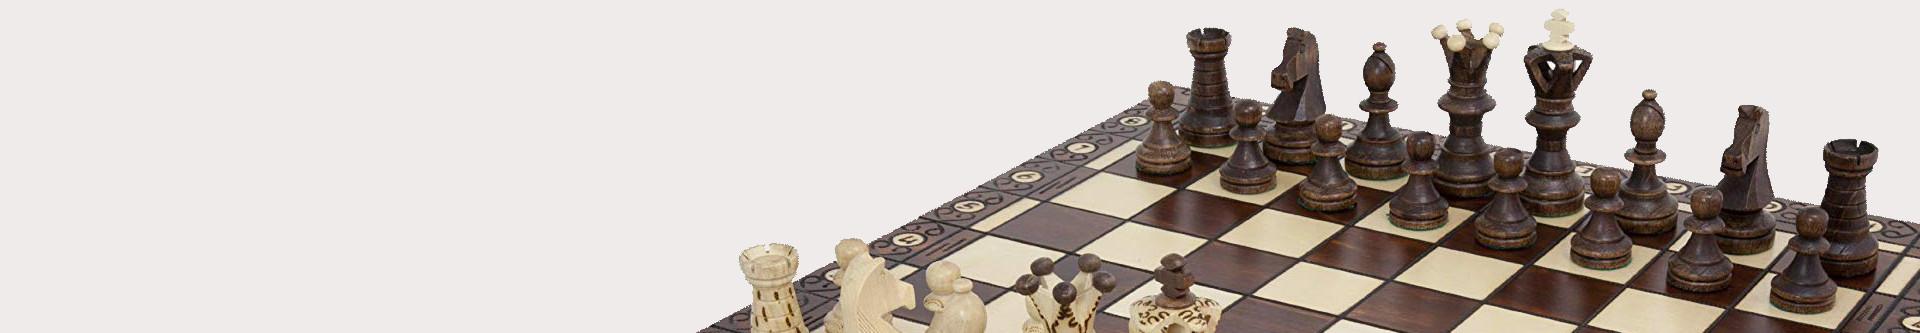 Польские шахматы - купить в интернет-магазине настольных игр ручной работы ❤